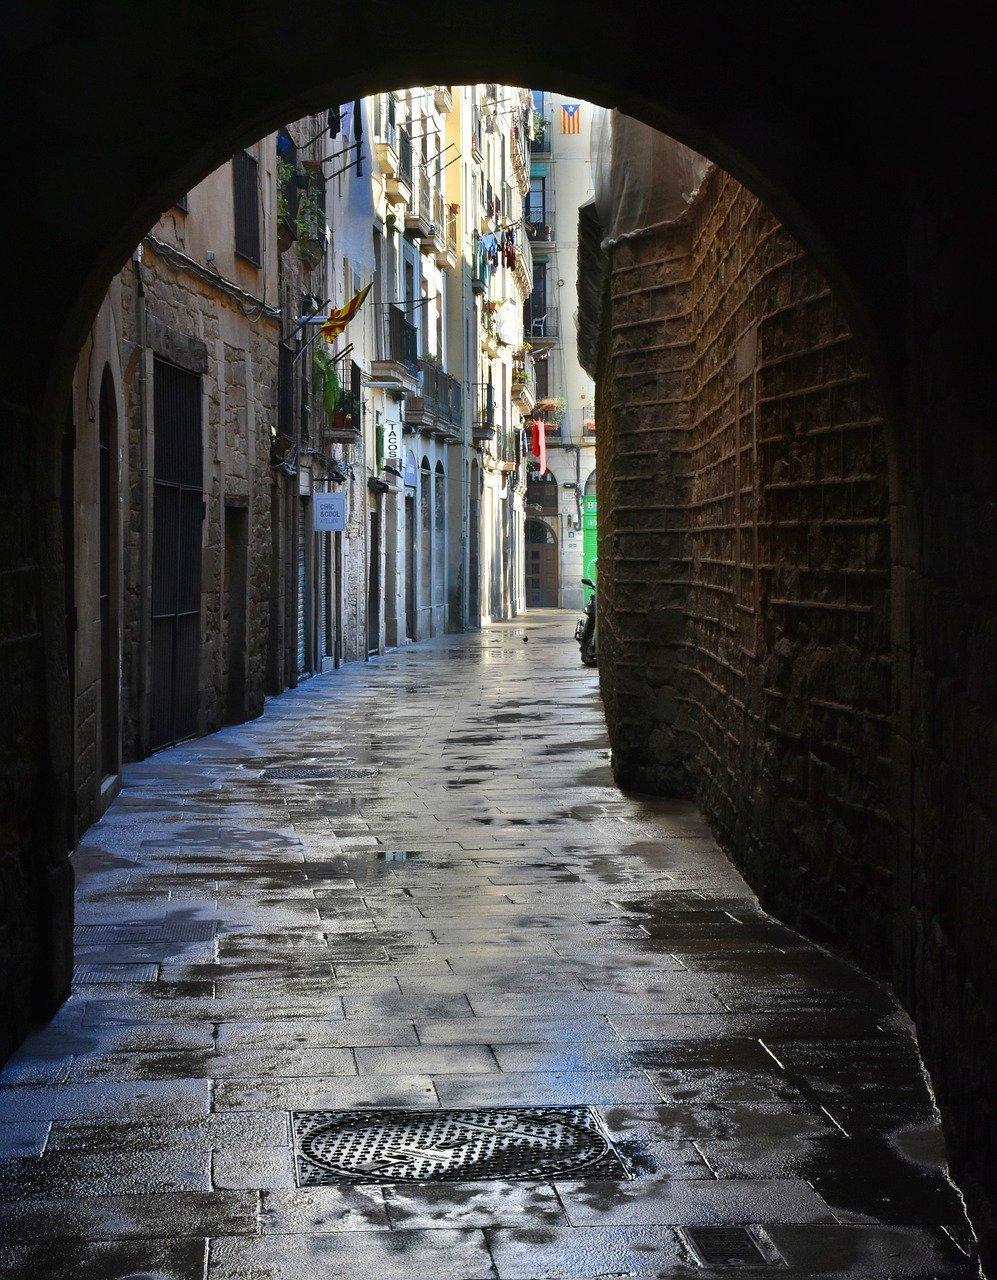 gate, alley, passage-1898093.jpg